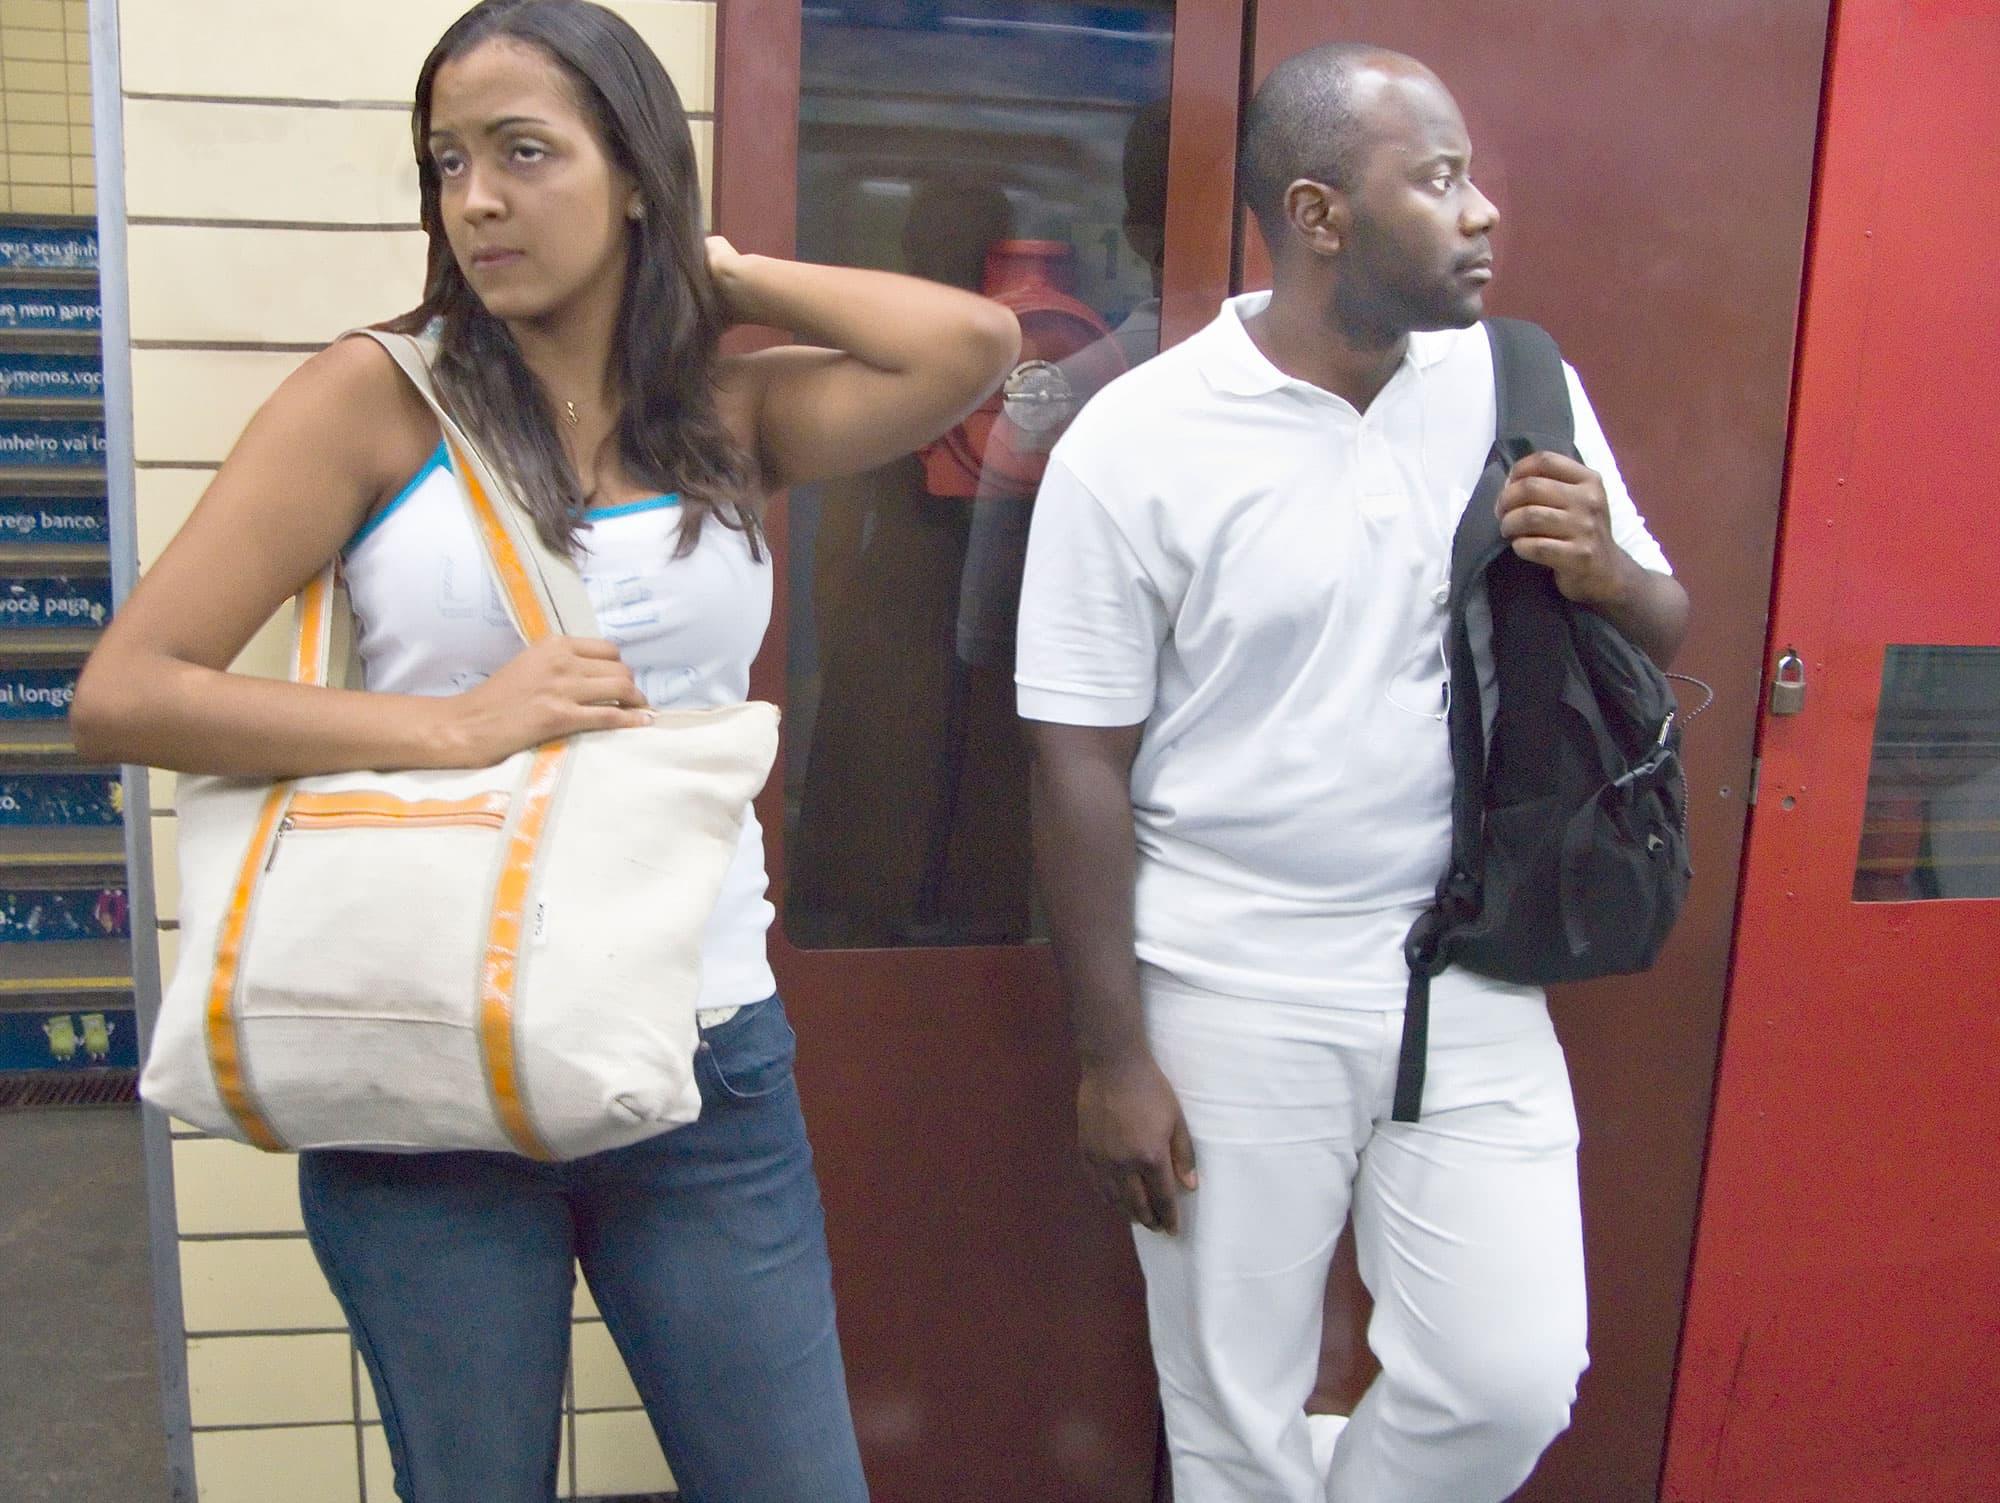 Subway-Rio-2010-arthur-lazar